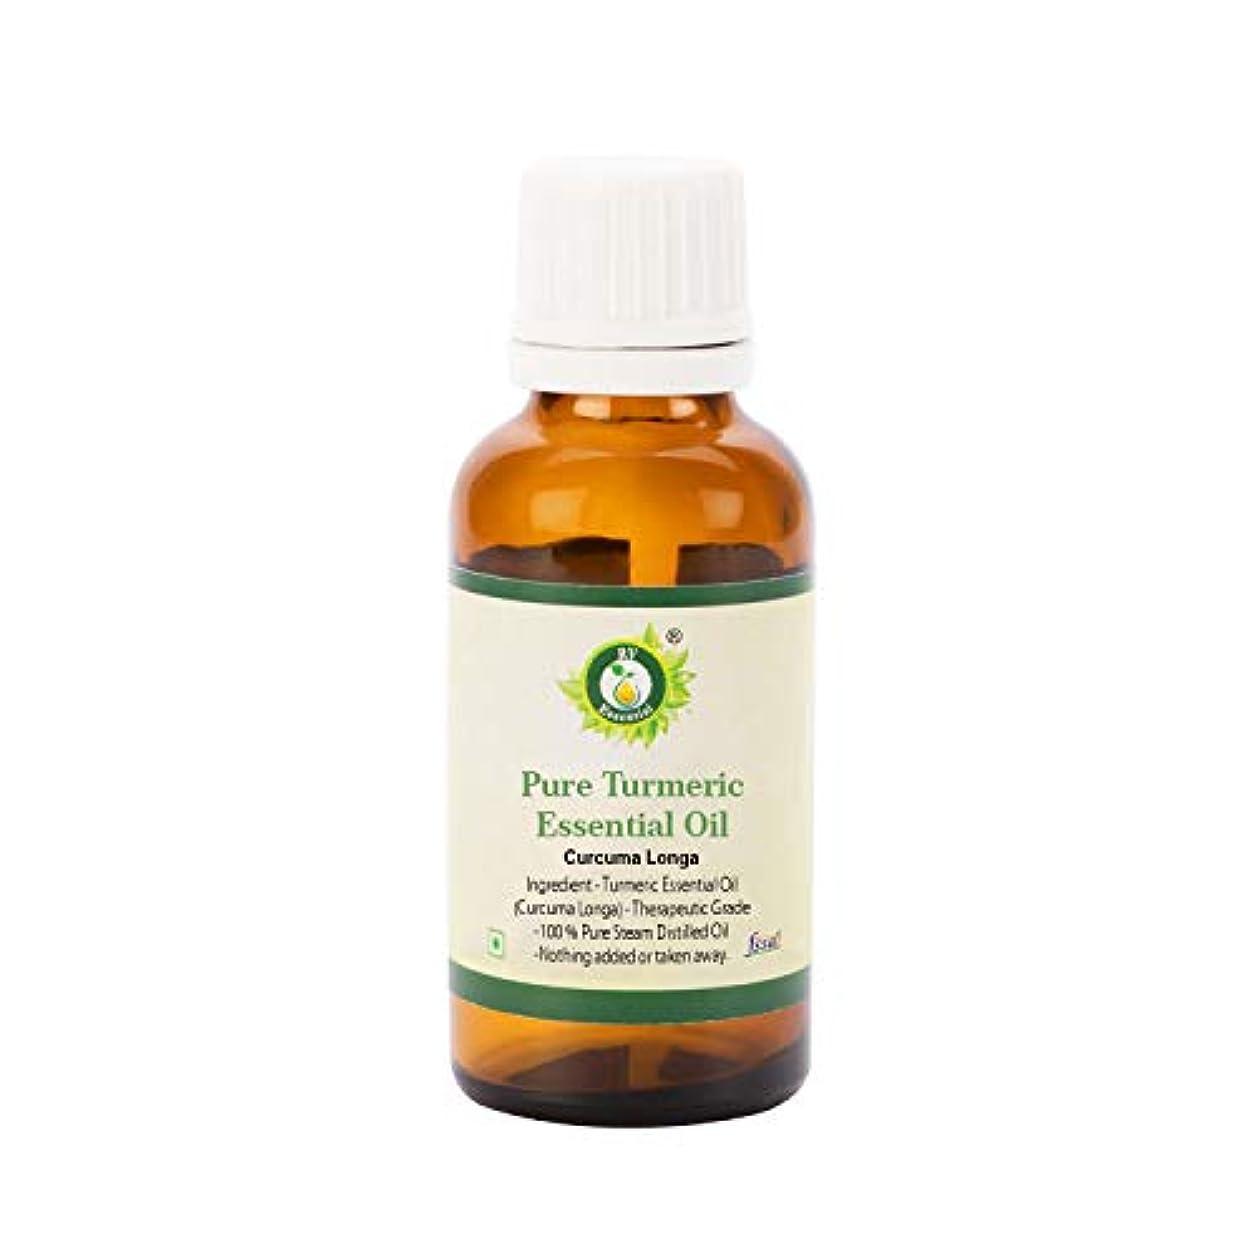 注ぎますお香縫うR V Essential 純粋なウコン精油5ml (0.169oz)- Curcuma Longa (100%純粋&天然スチームDistilled) Pure Turmeric Essential Oil